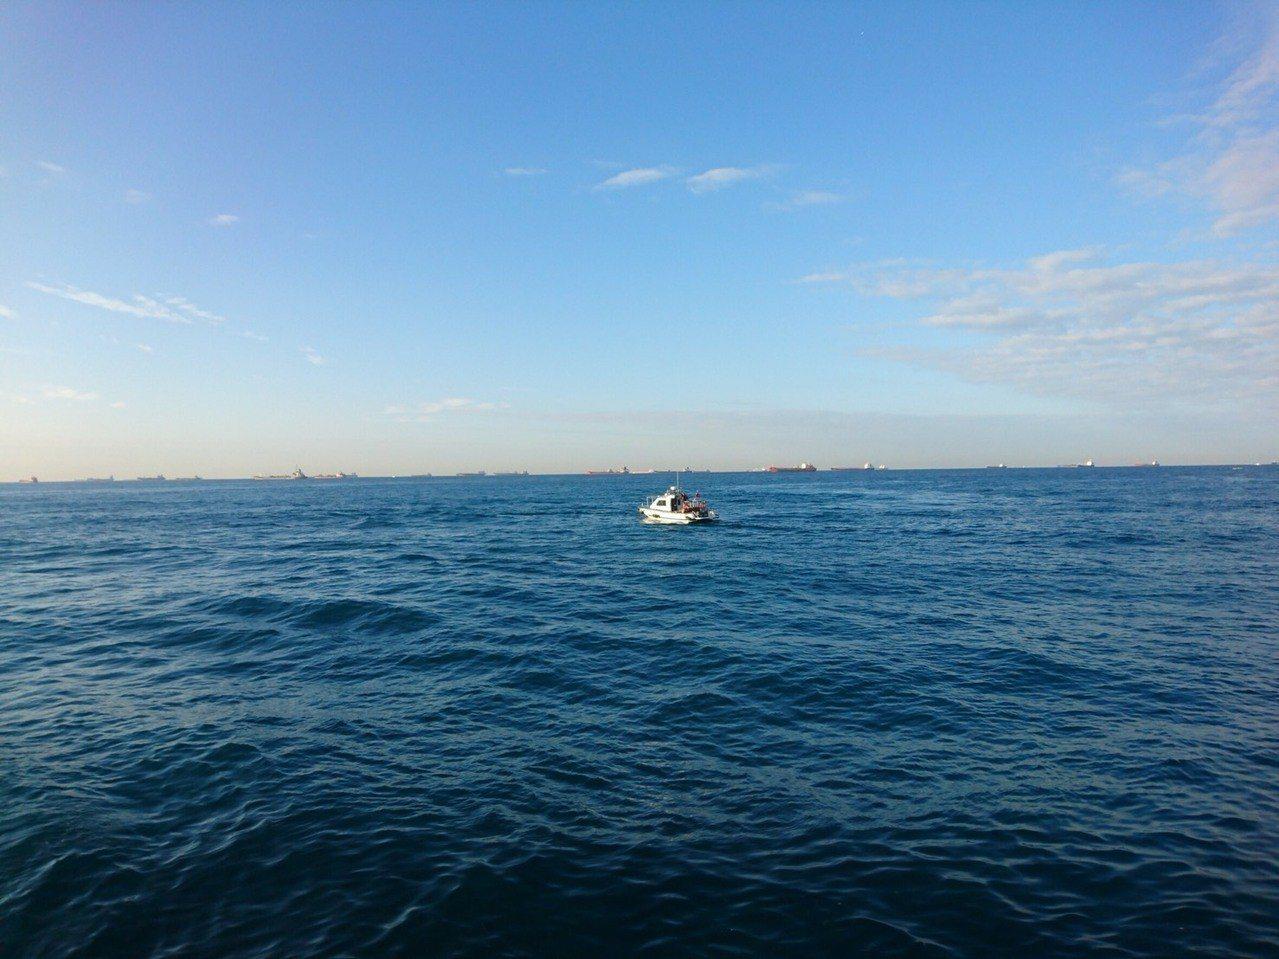 高雄港務警察總隊出動警艇前往救援。記者劉星君/翻攝